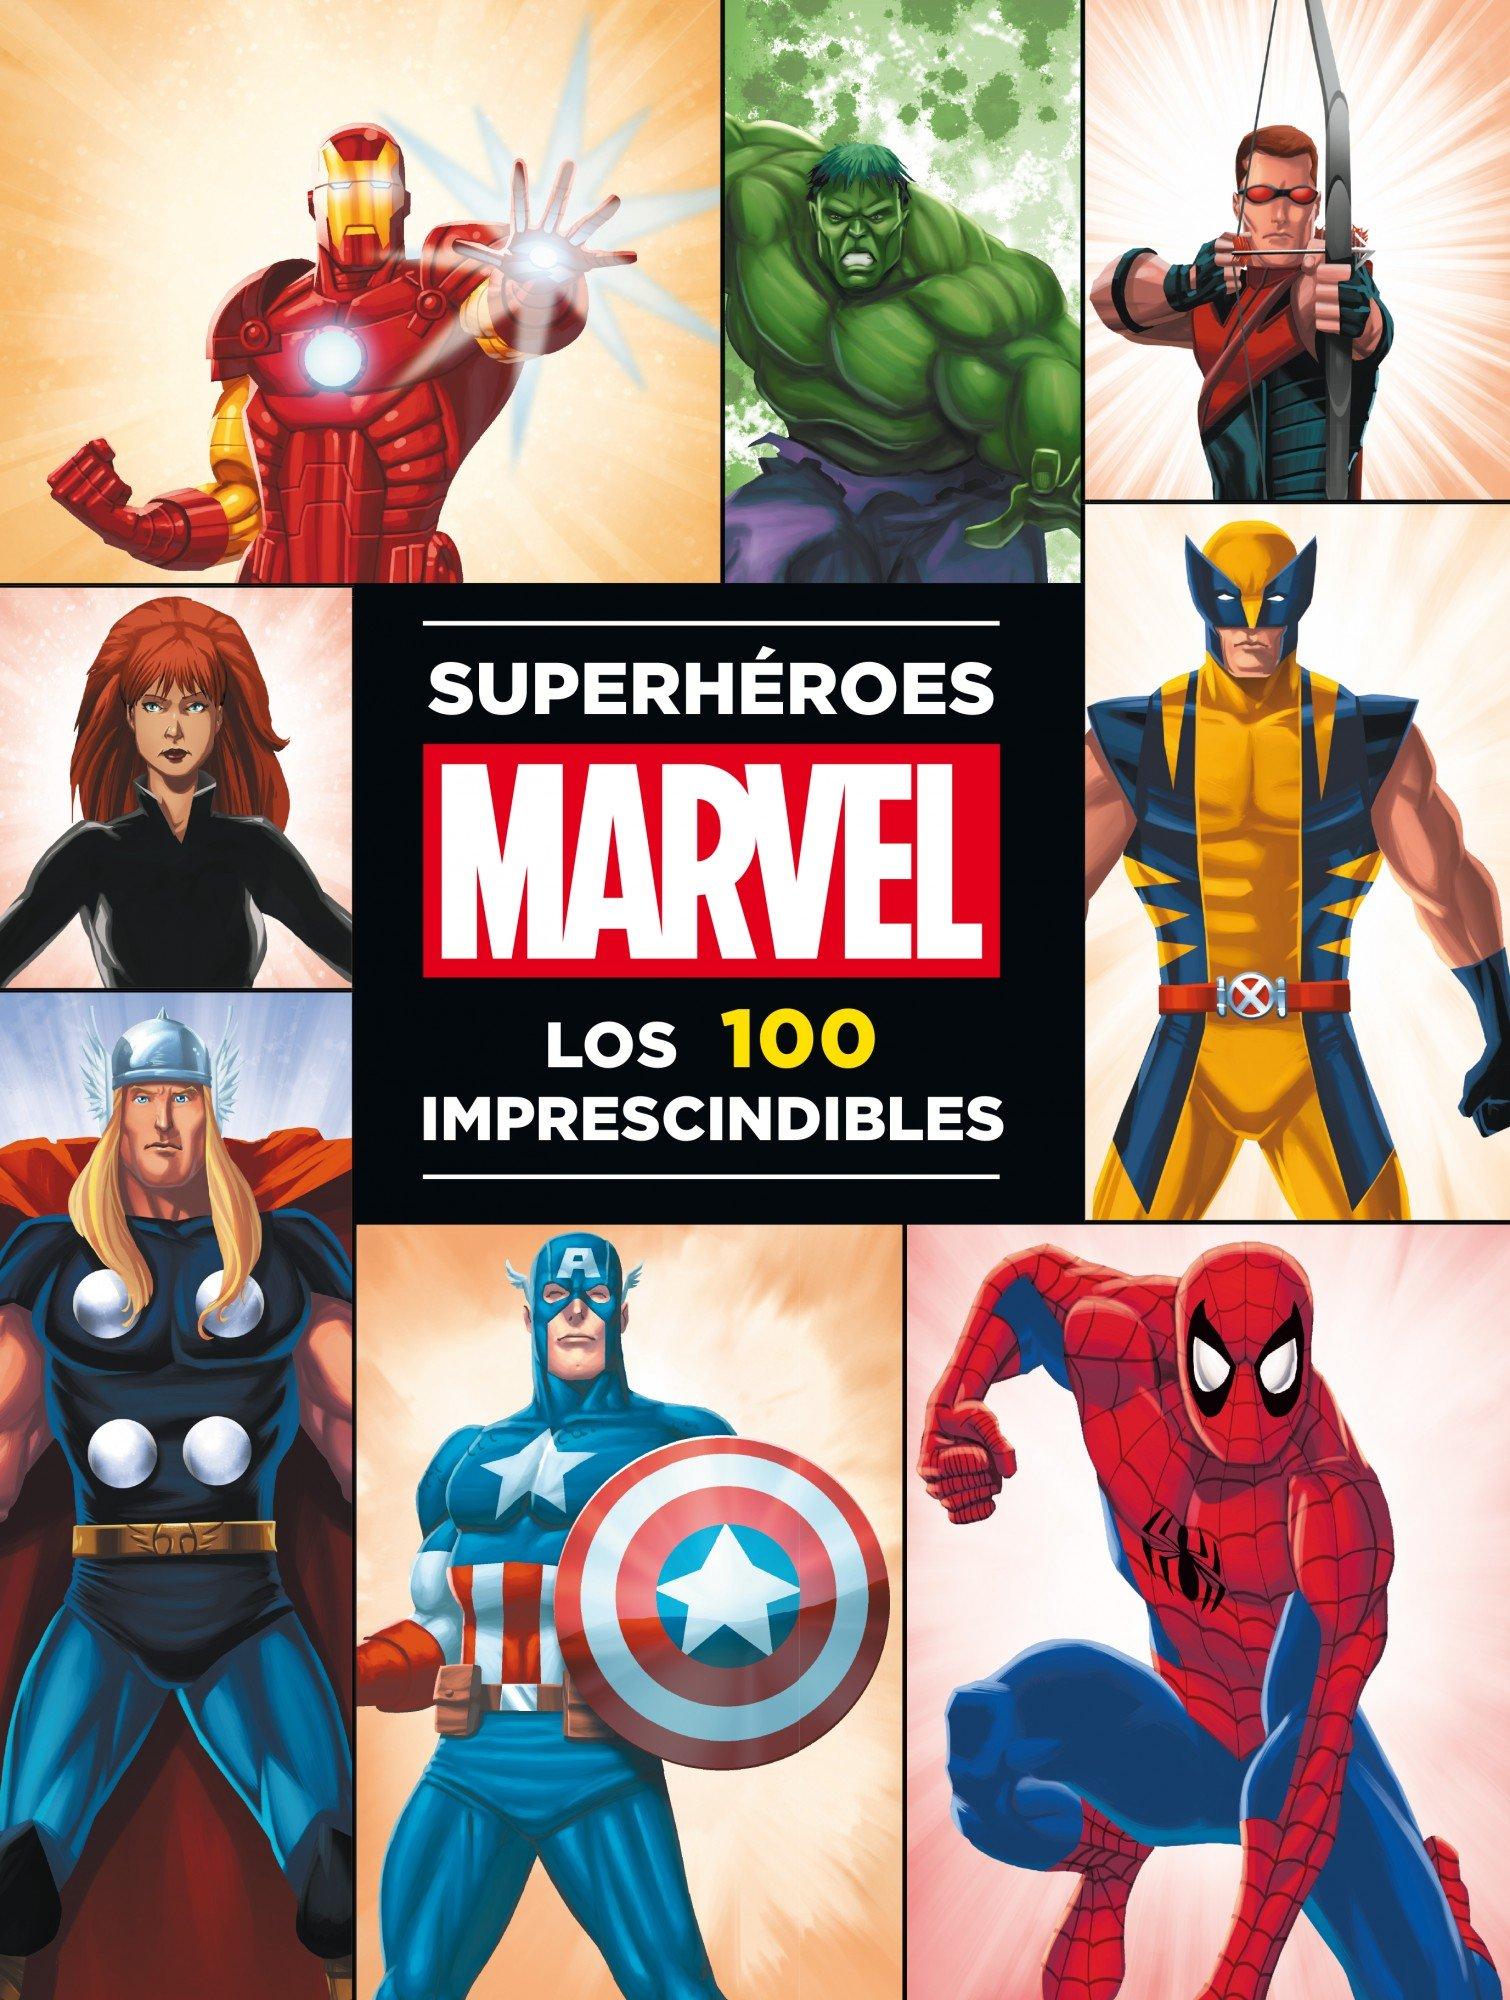 Superhéroes Marvel: los 100 imprescindibles (Marvel. Superhéroes) Tapa dura – 26 sep 2017 Editorial Planeta S. A. Libros Disney 8415343566 Cómics y novelas gráficas